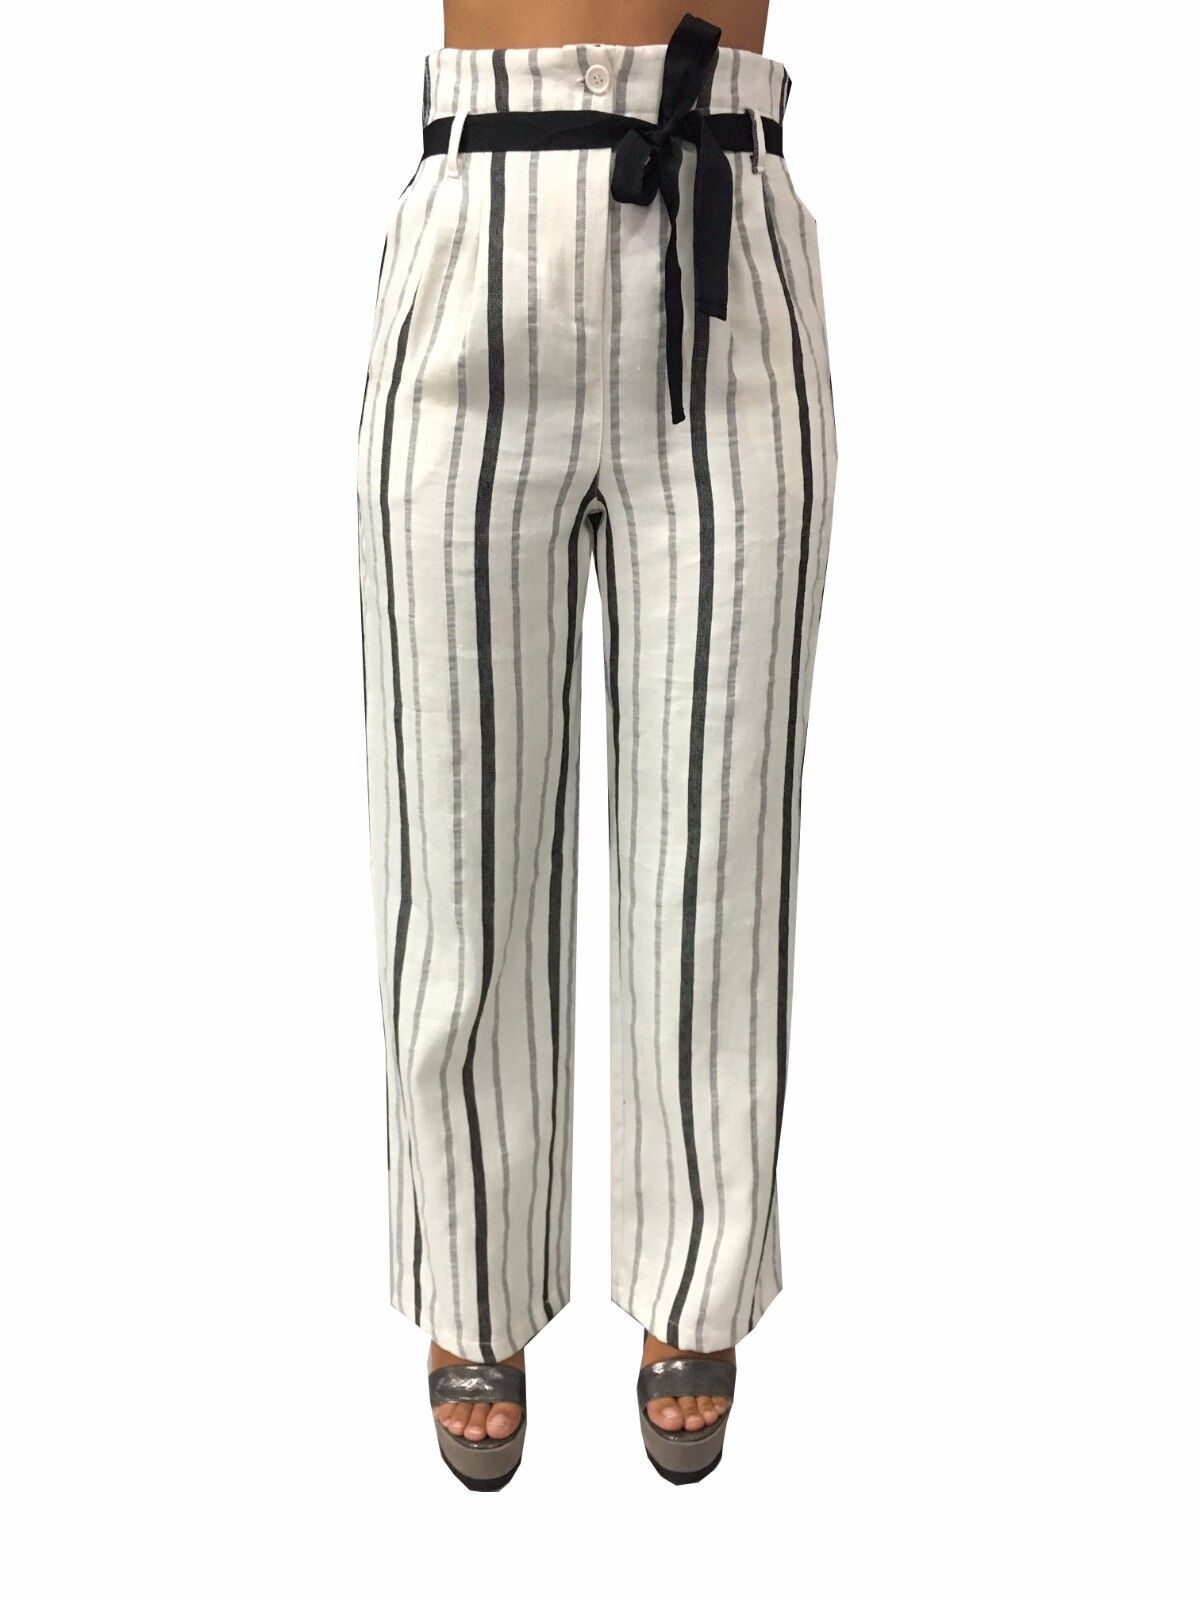 LA FEE MARABOUTEE Damenhose hohe Größe weiß Streifen schwarz 54% Baumwolle 46%